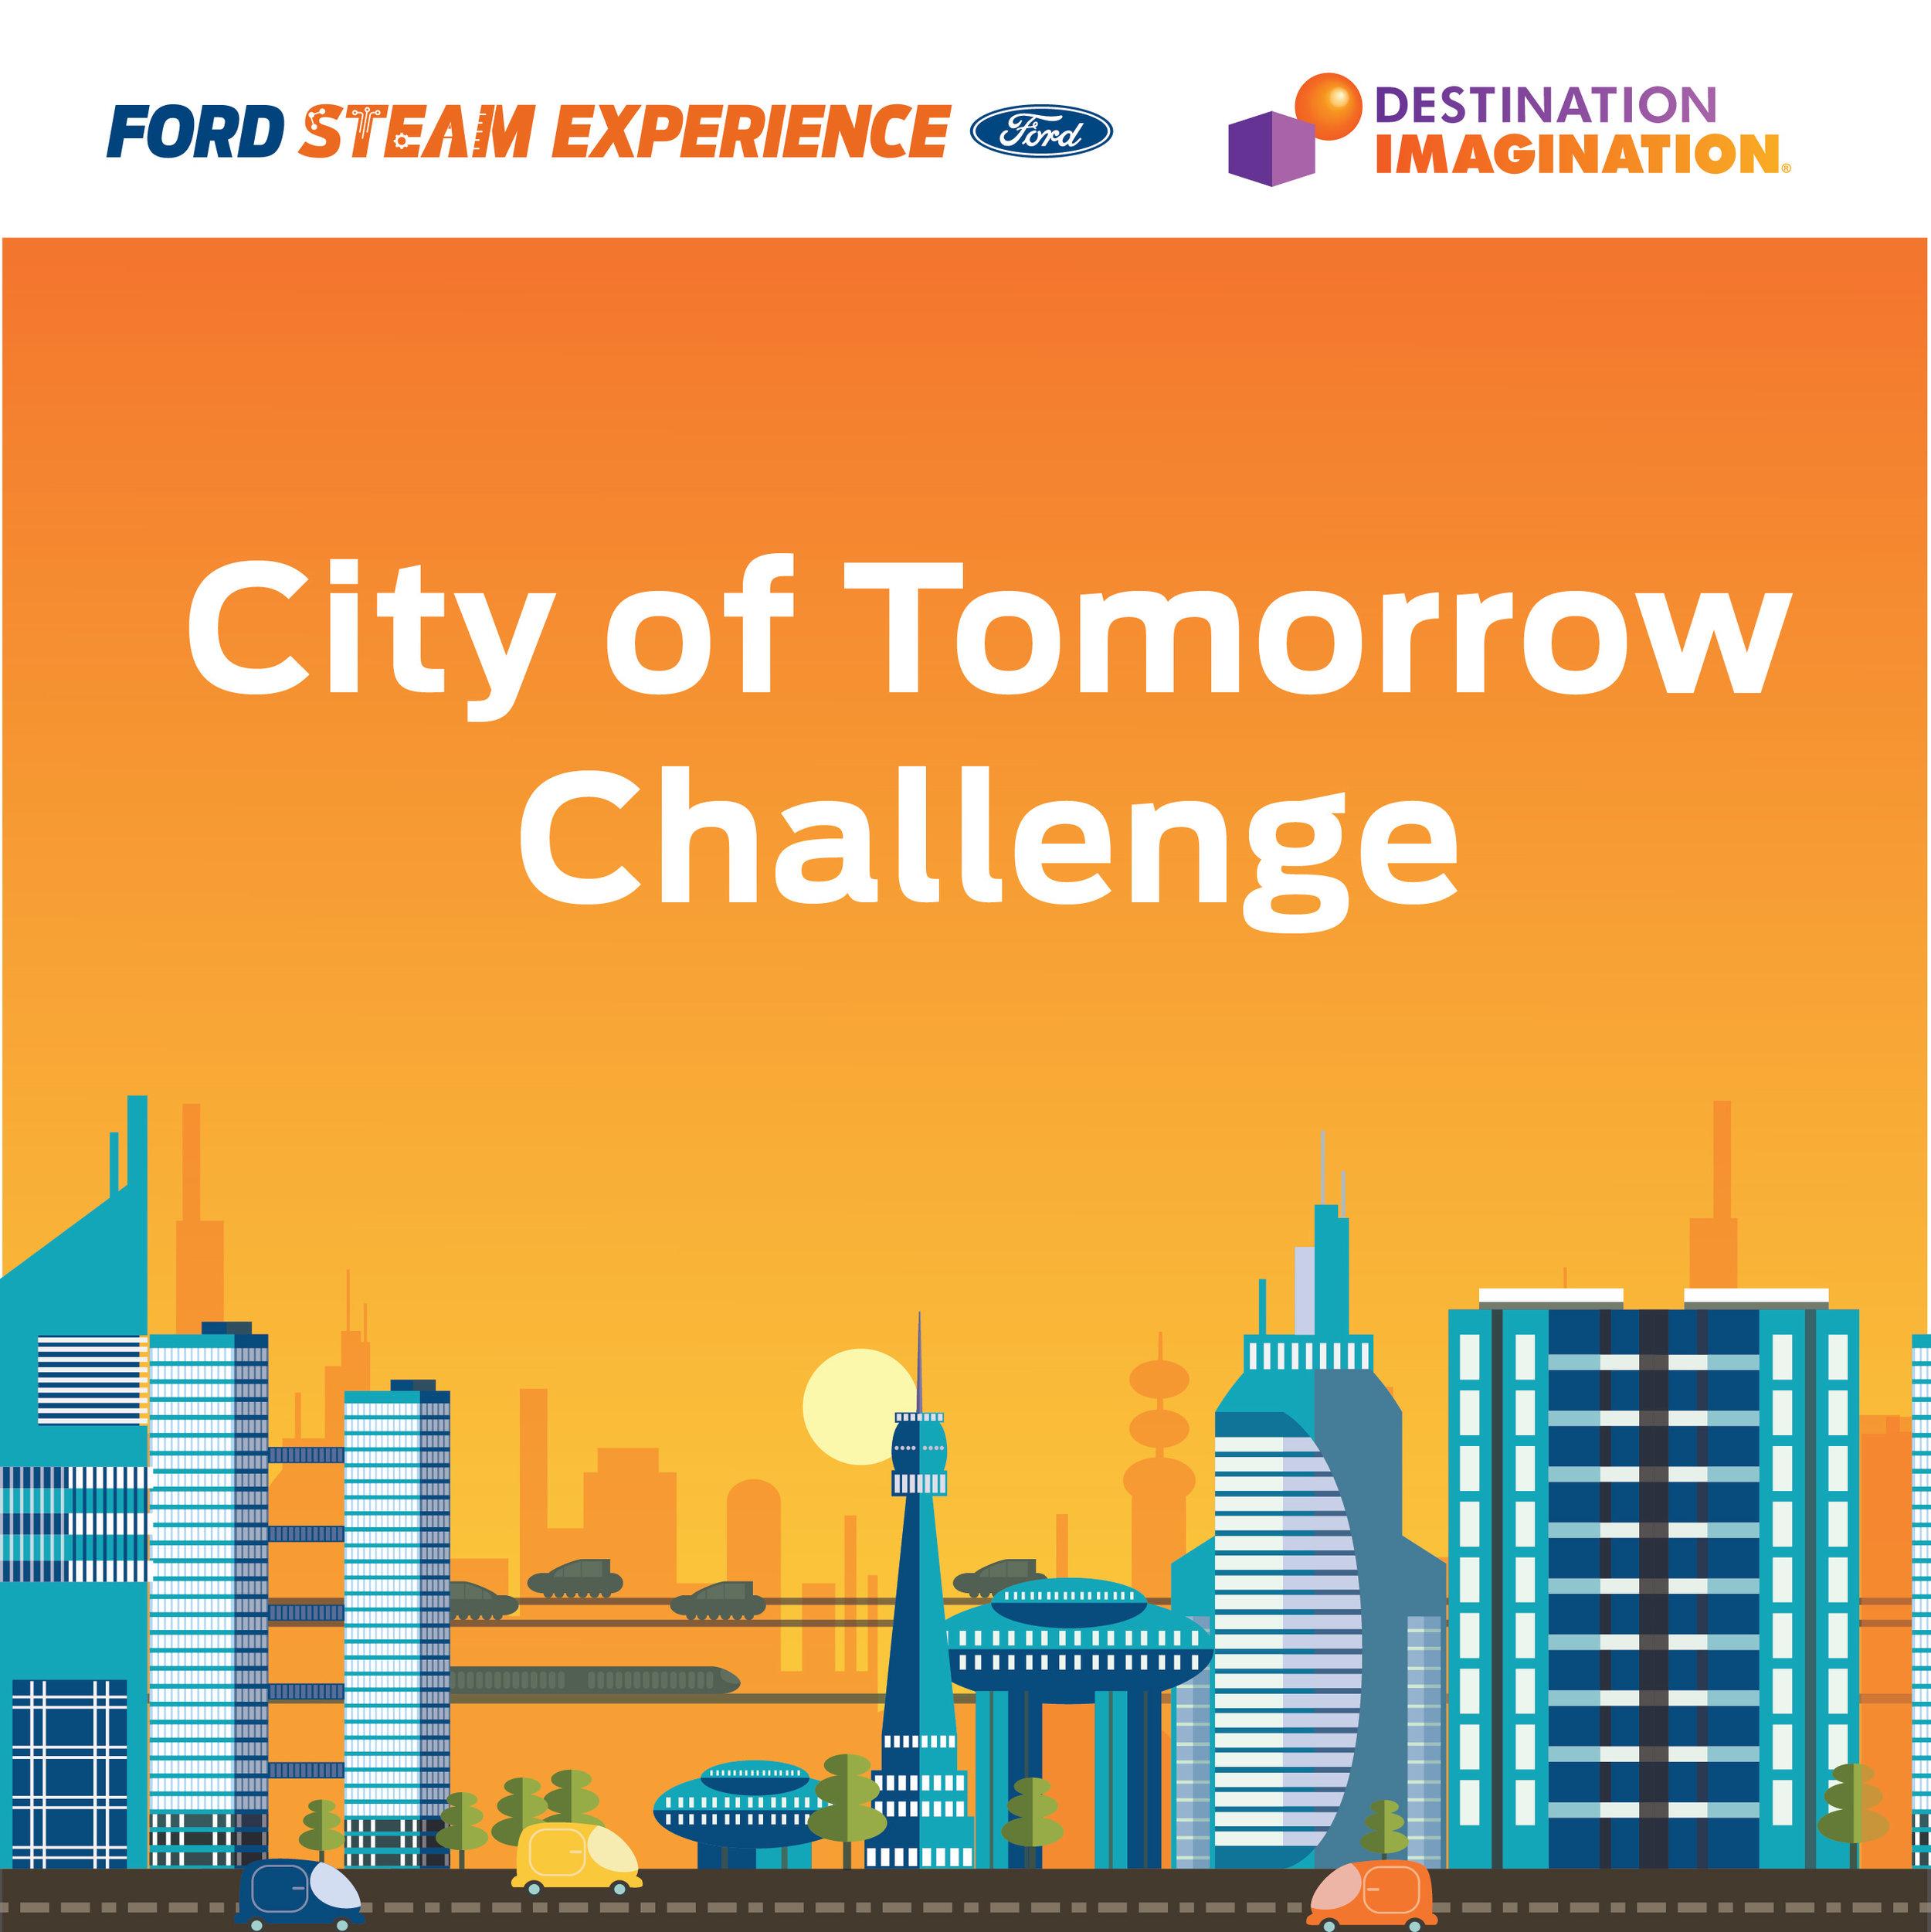 Ford CoT Website Image.jpg